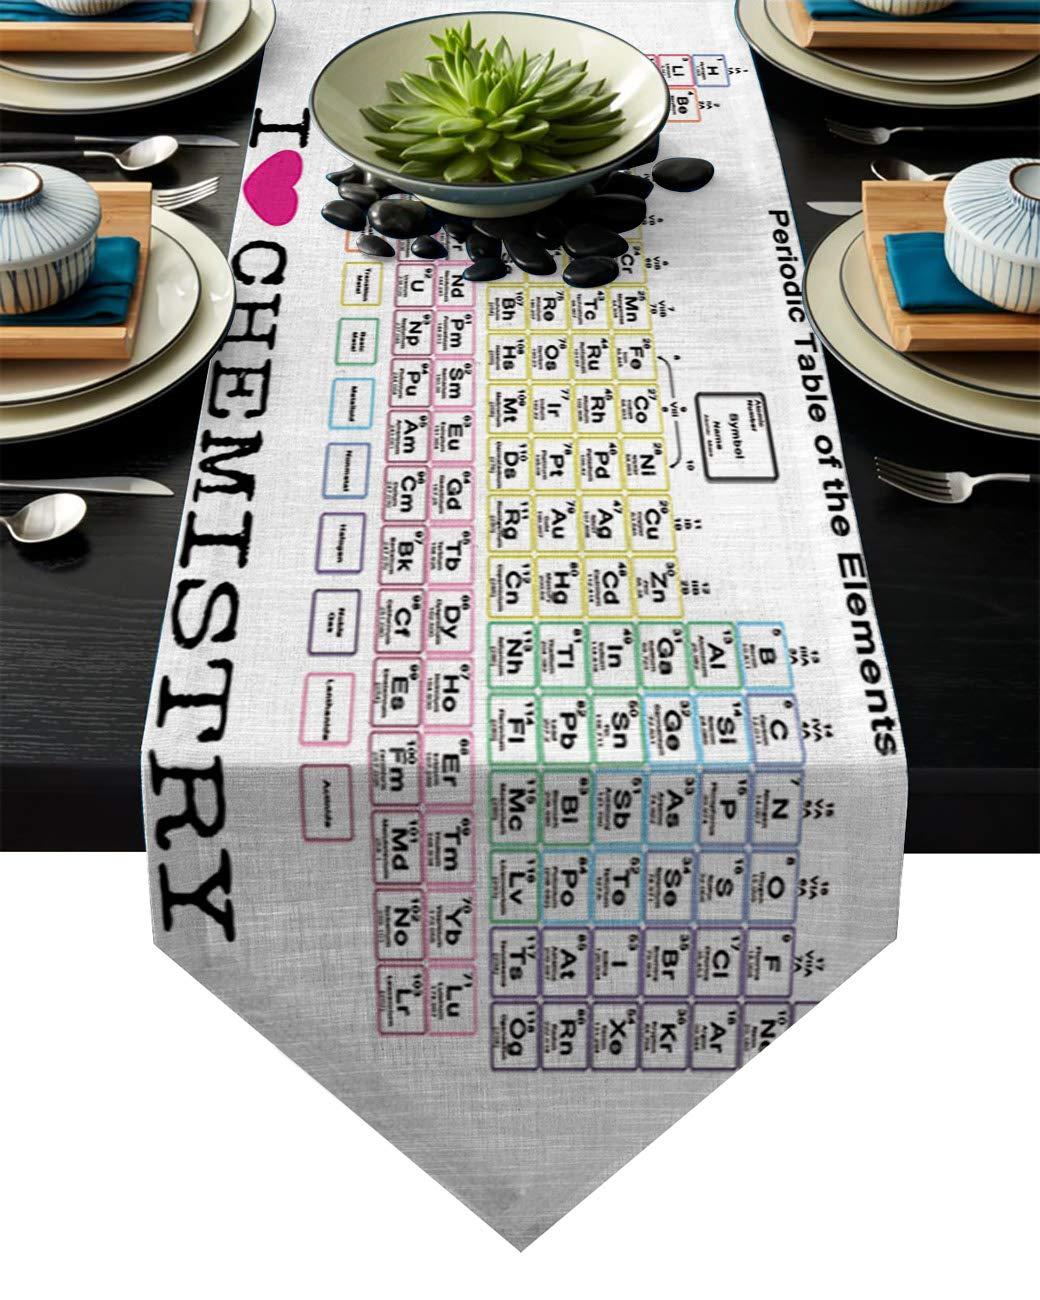 リネン麻布テーブルランナー ドレッサースカーフ 幾何学模様デザイン キッチンテーブルランナー ディナーホリデーパーティー 結婚式 イベント 装飾 14 By 72 Inch 20181120-XGL-runnerSLEO00921ZQACFAD 14 By 72 Inch Periodic Table of Elements6fad3555 B07KQ3DK8H